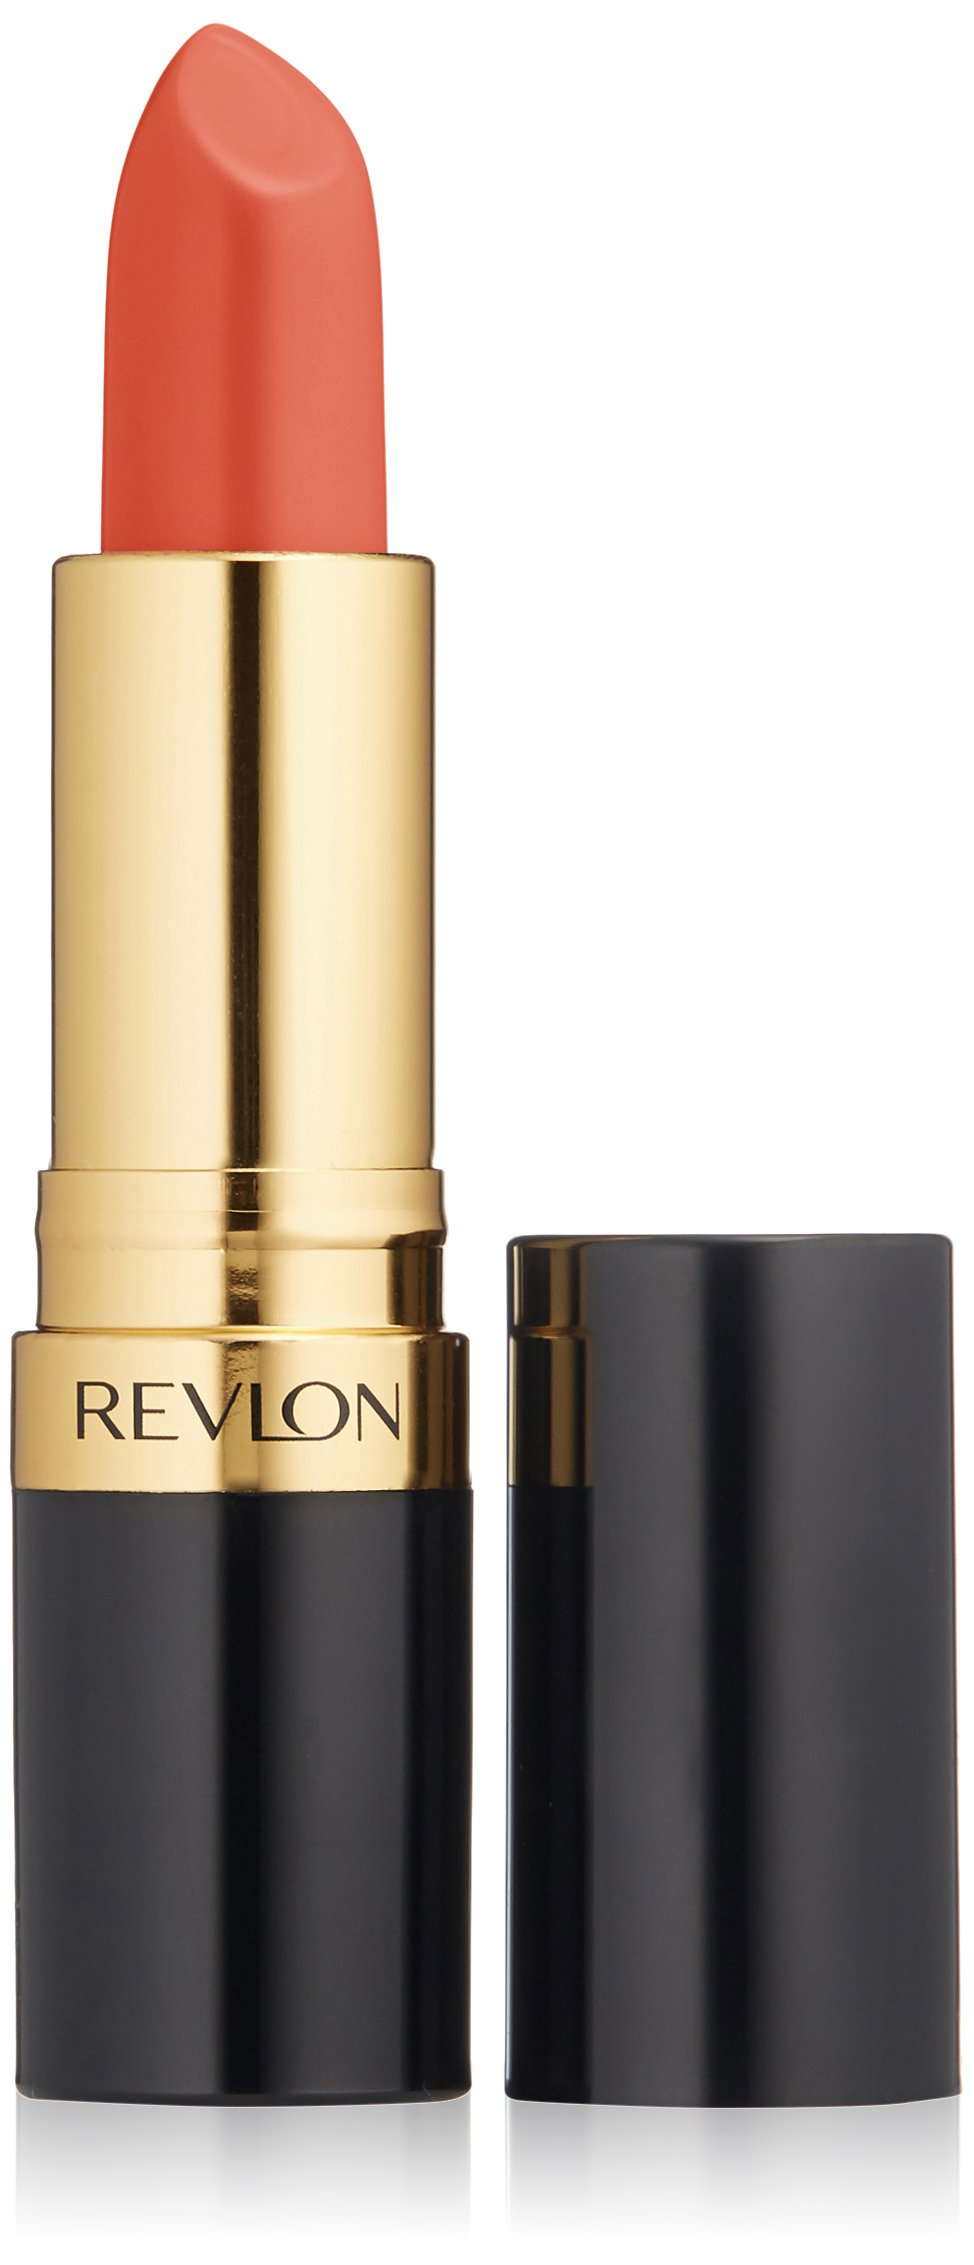 Revlon Super Lustrous Lipstick, Kiss Me Coral